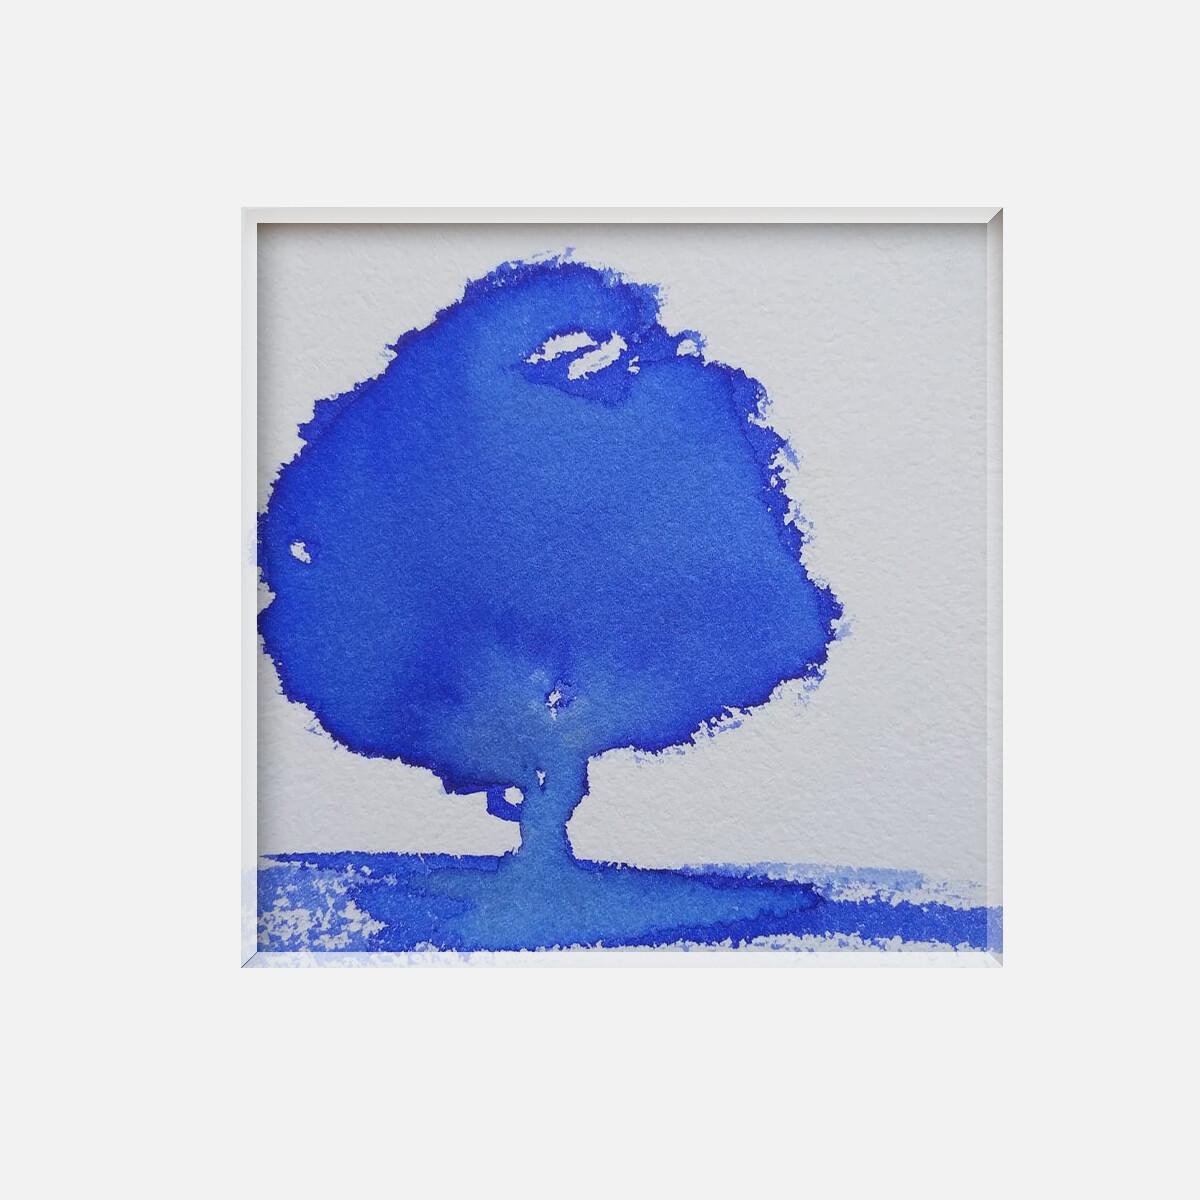 Arbre seul bleu